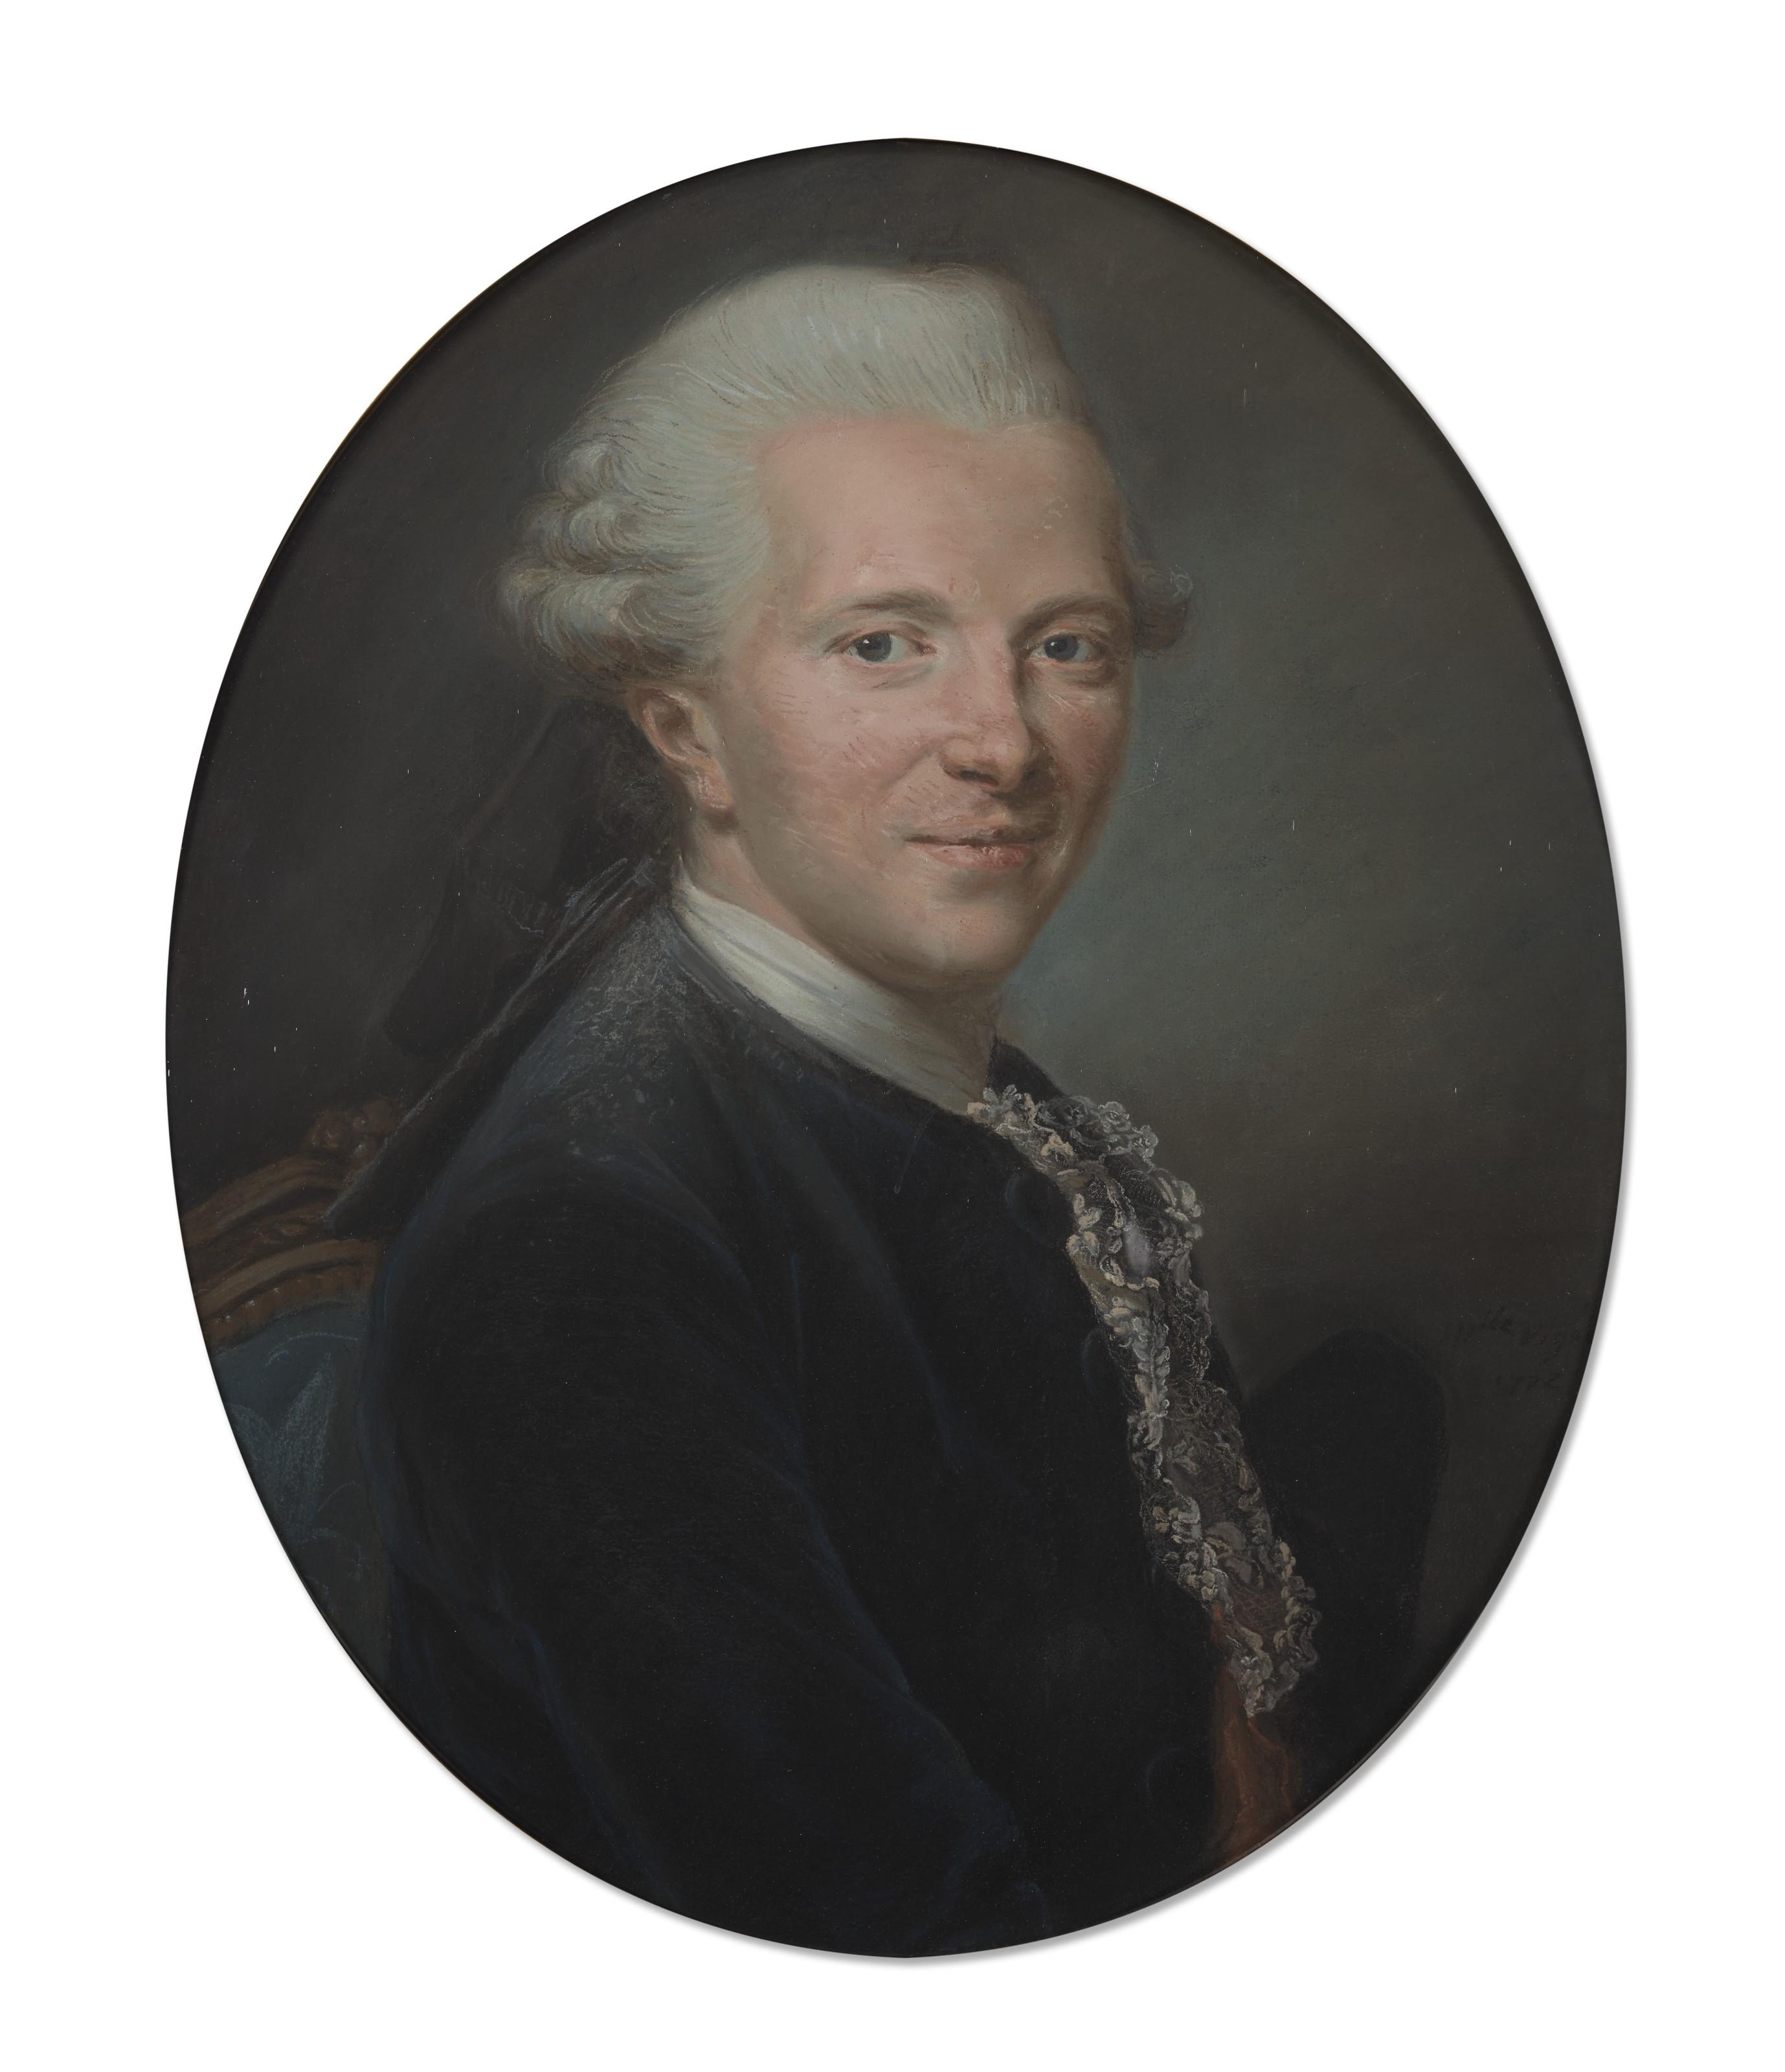 Élisabeth Louise Vigée Le Brun (1755–1842), Portrait d'Alexis-Féréol Perrin de Sanson (1733–1820), 1772. Pastel on paper. 21⅞ x 18¼  in (55.6 x 46.5  cm). Estimate €50,000-70,000. Offered in Women in Art on 16 June 2021 at Christie's in Paris